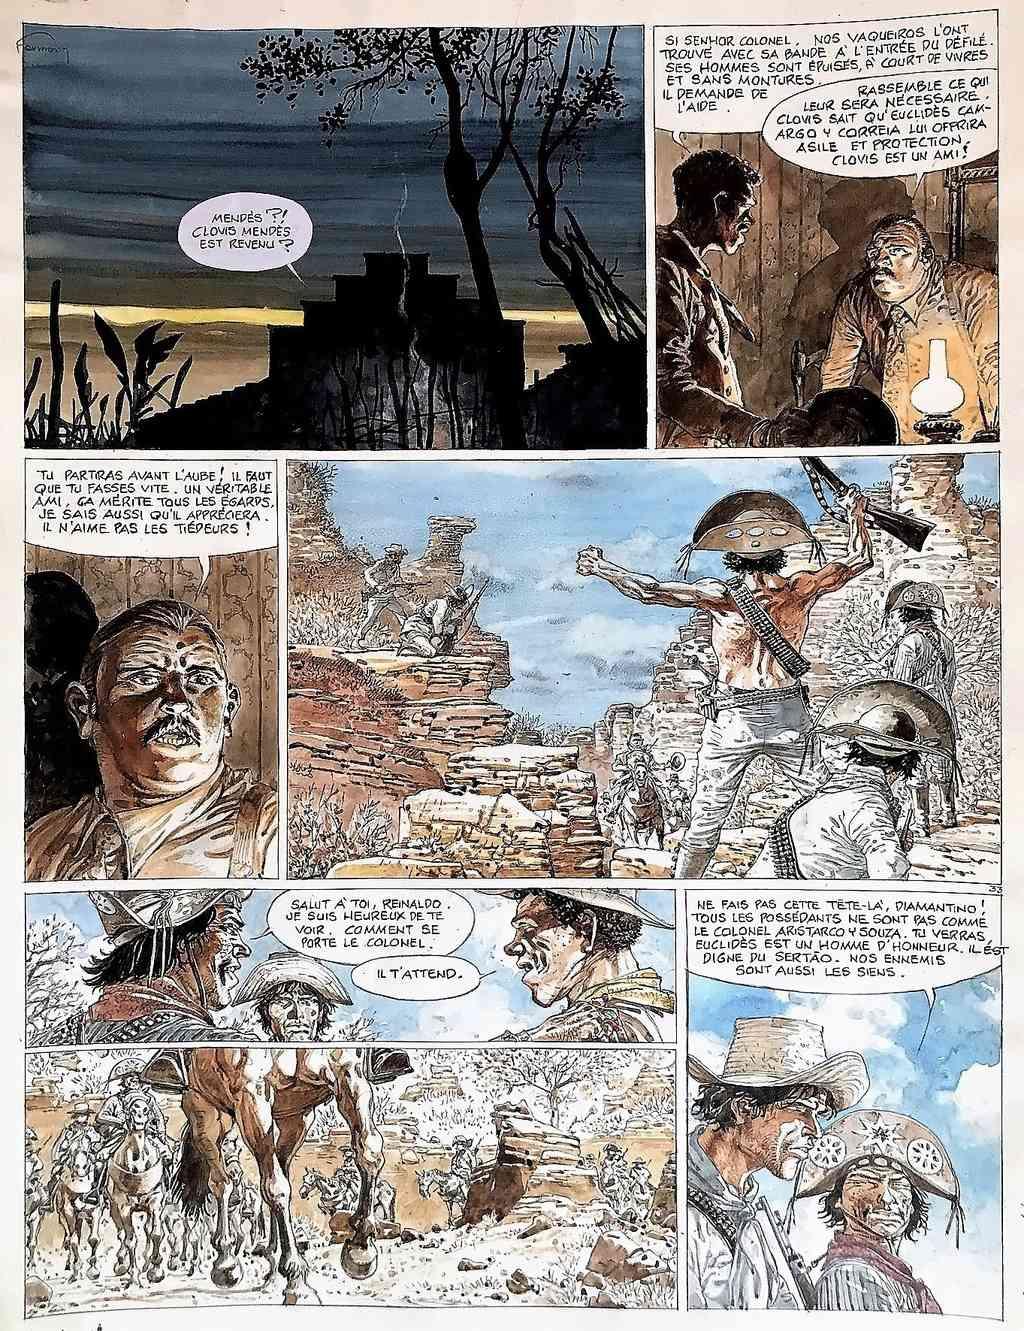 Hermann le dessinateur sans limite - Page 15 Herman16